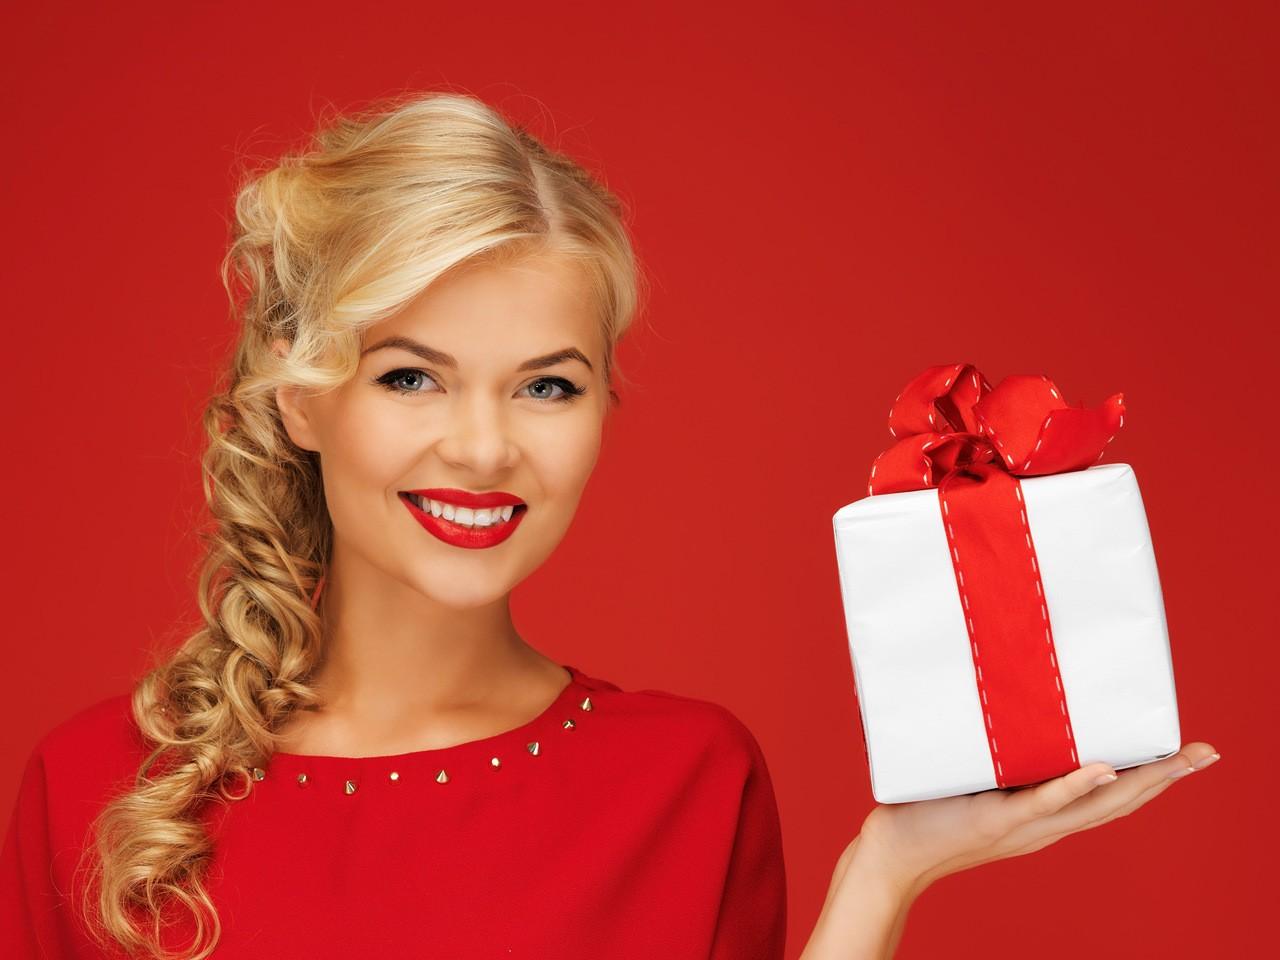 Если девушка не хочет принимать обычный подарок, как и что